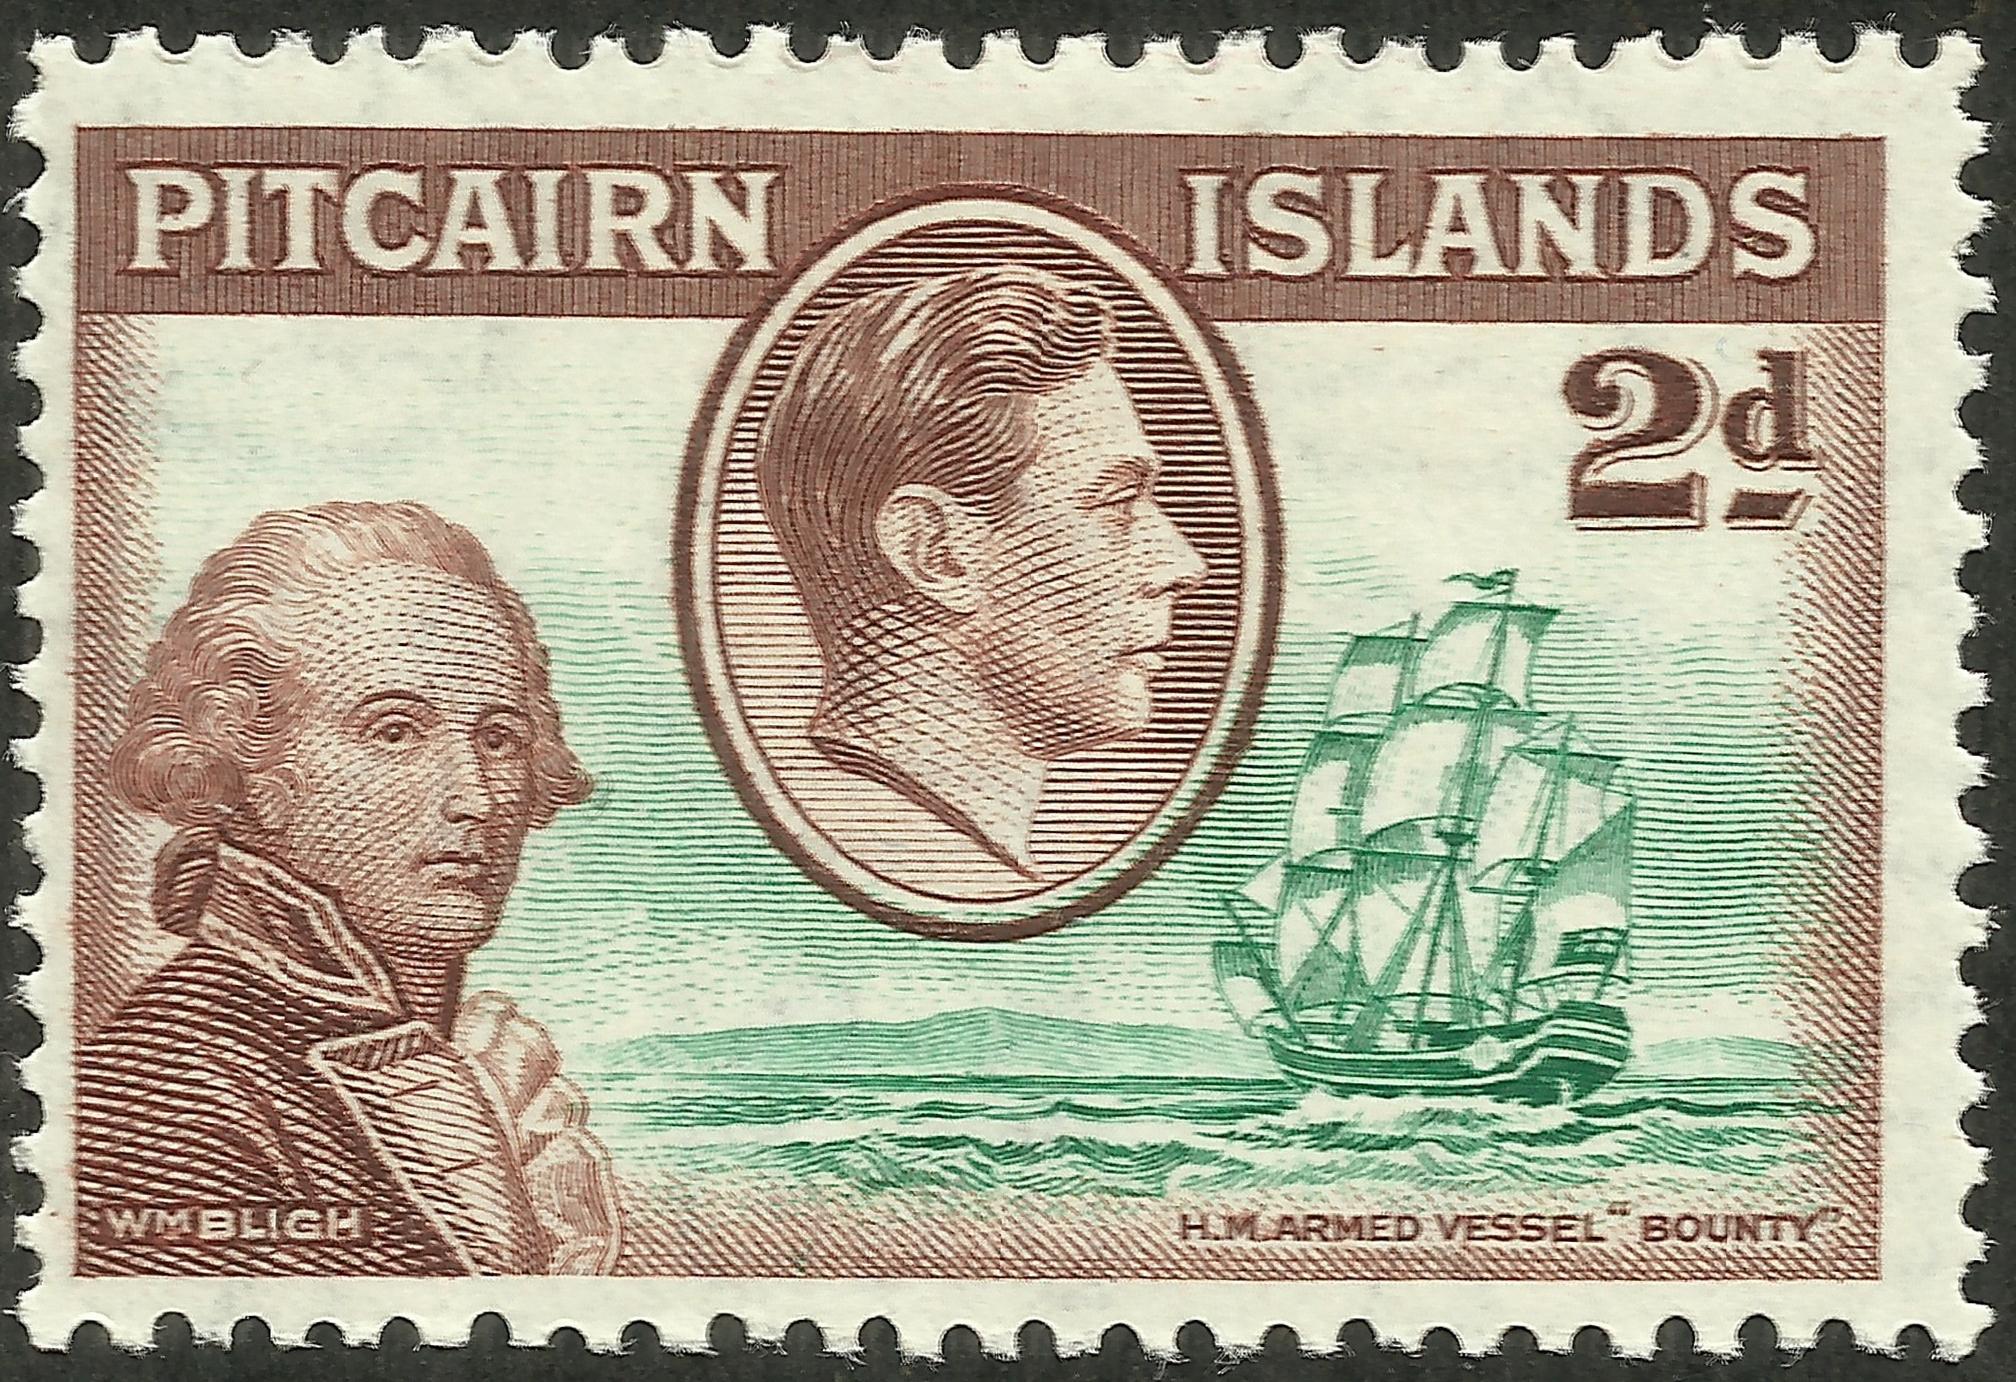 Pitcairn Islands - Scott #4 (1940)